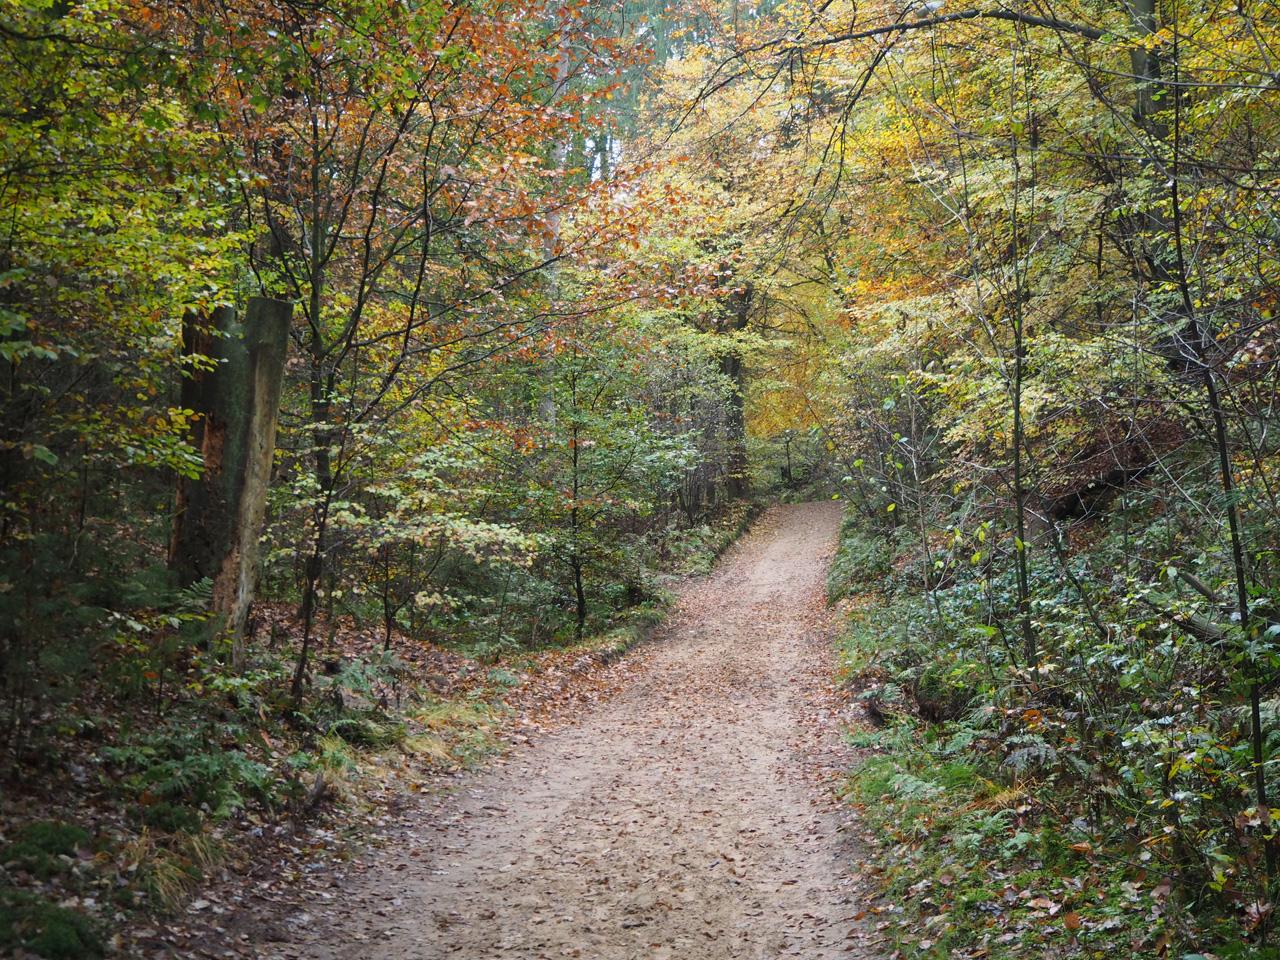 een recht pad door het dal